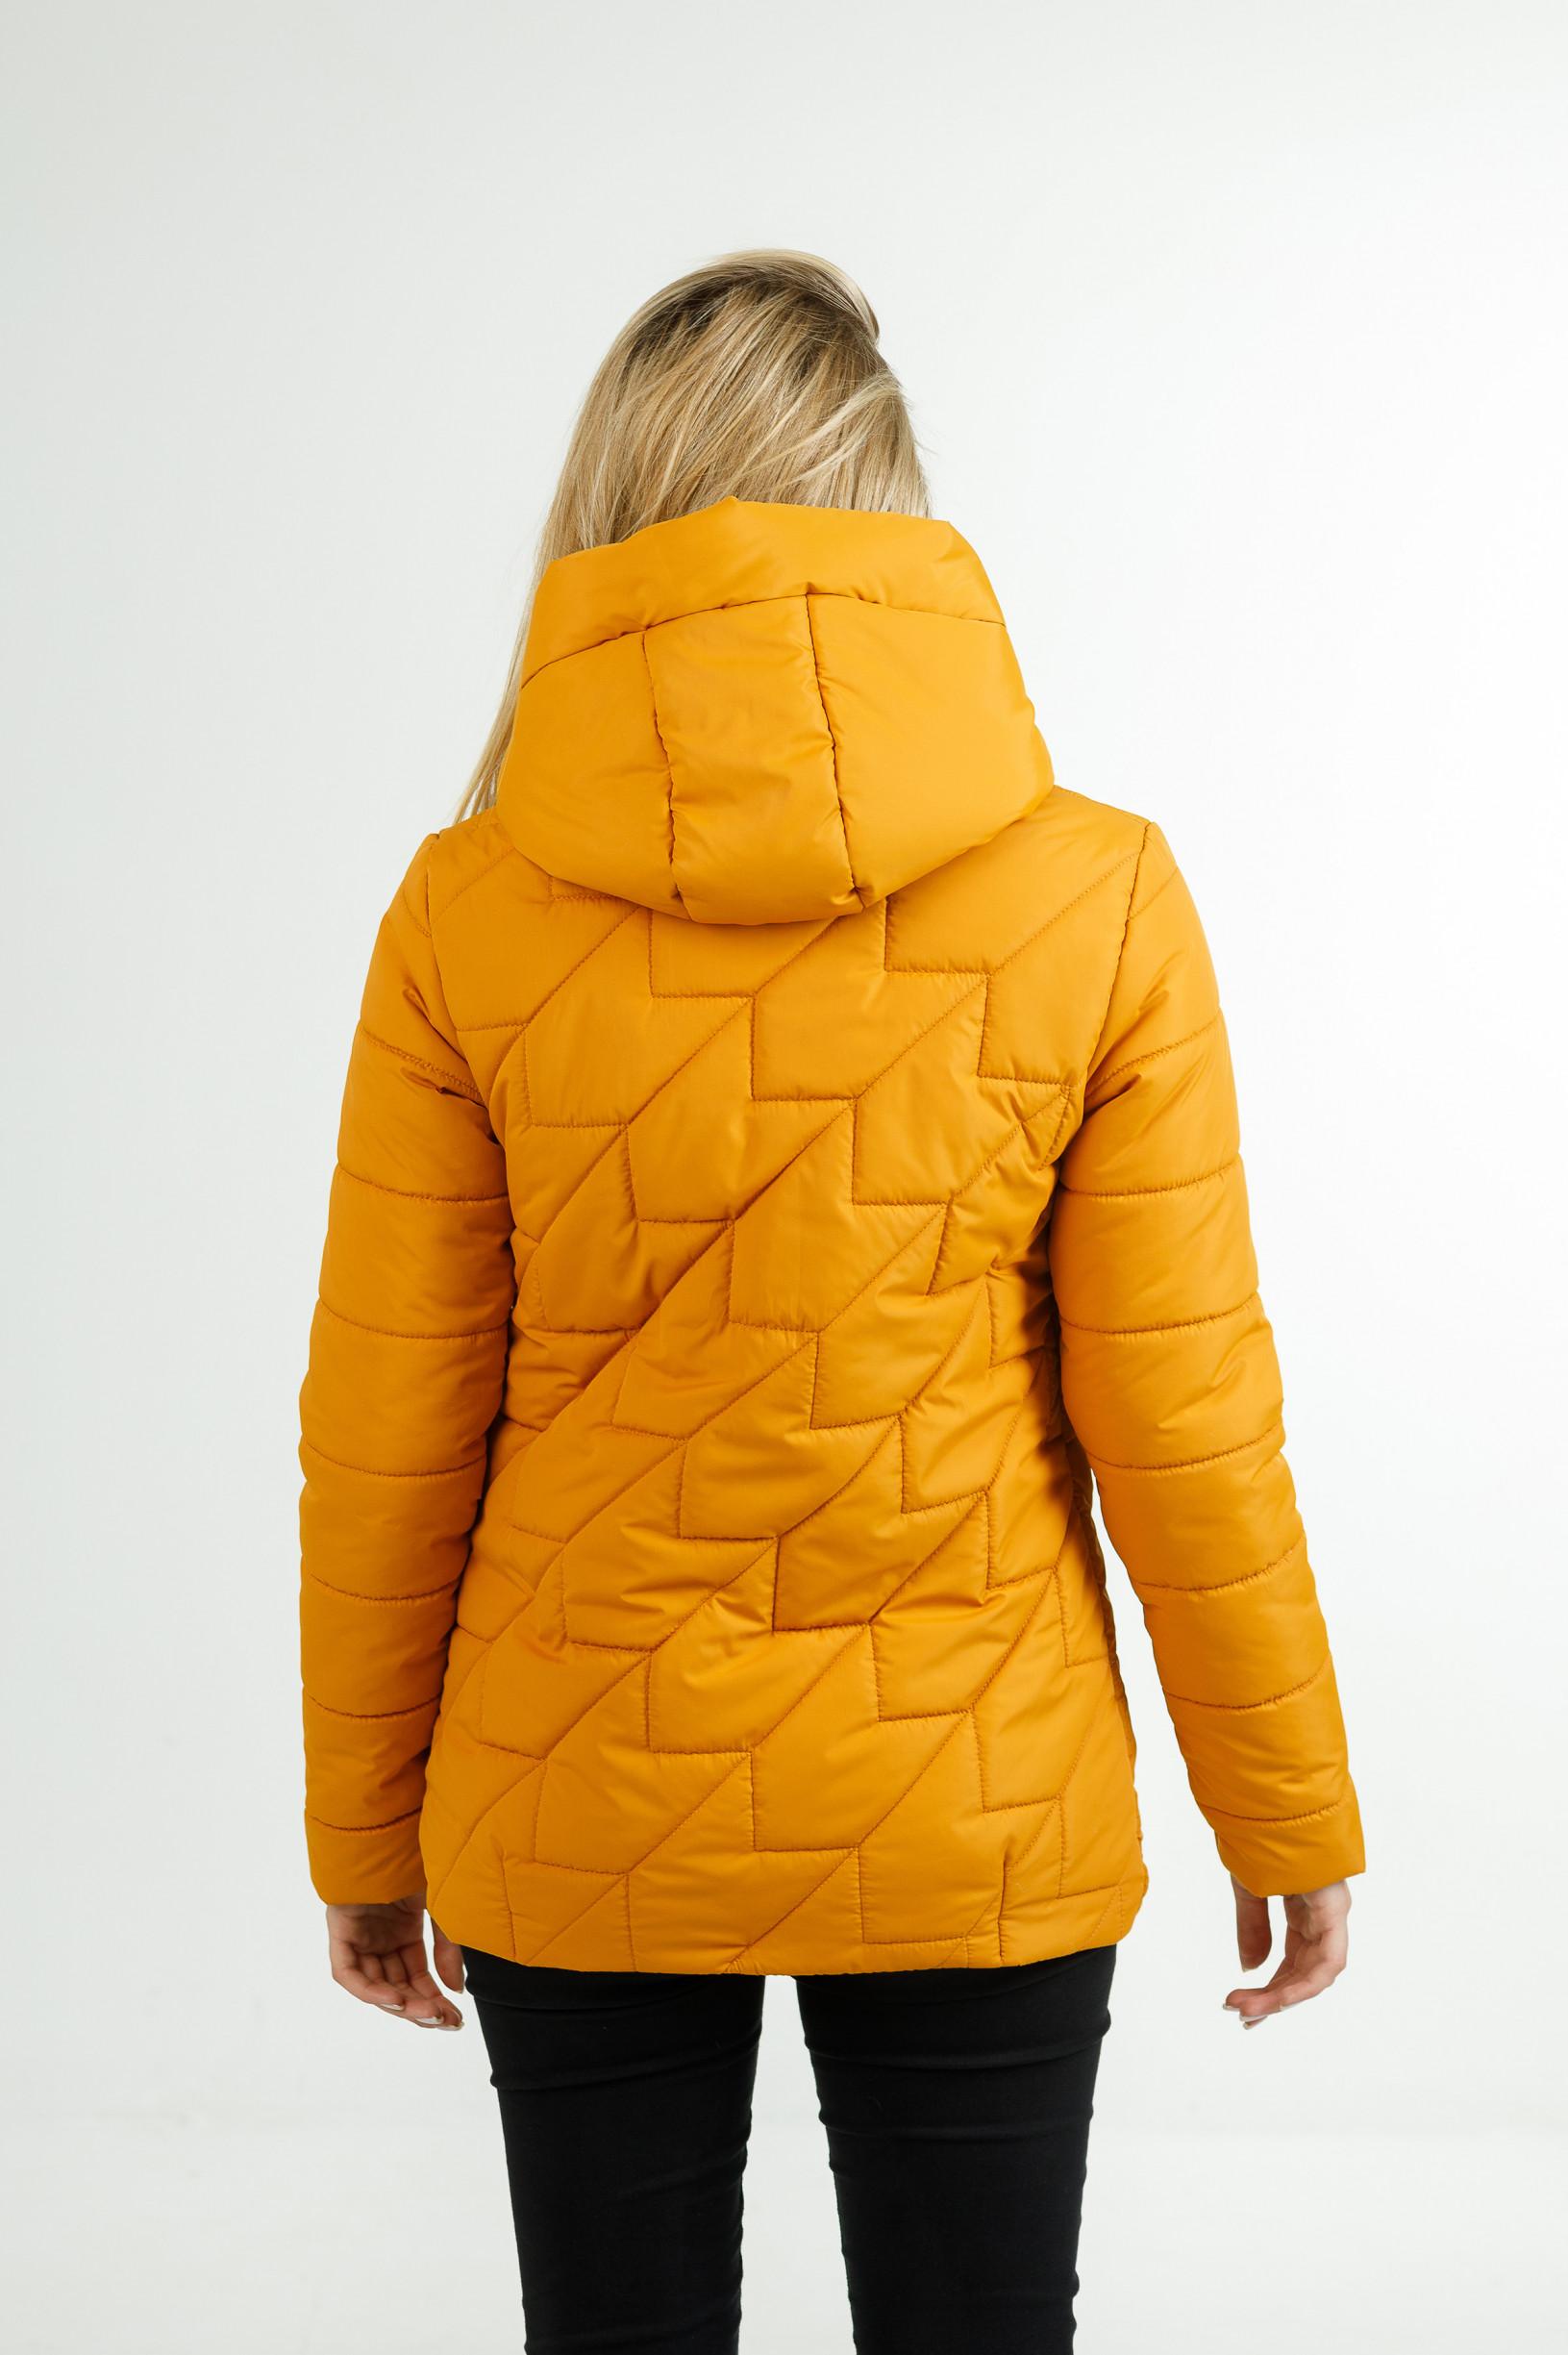 Демисезонная женская удлинённая куртка Руби жёлтого цвета